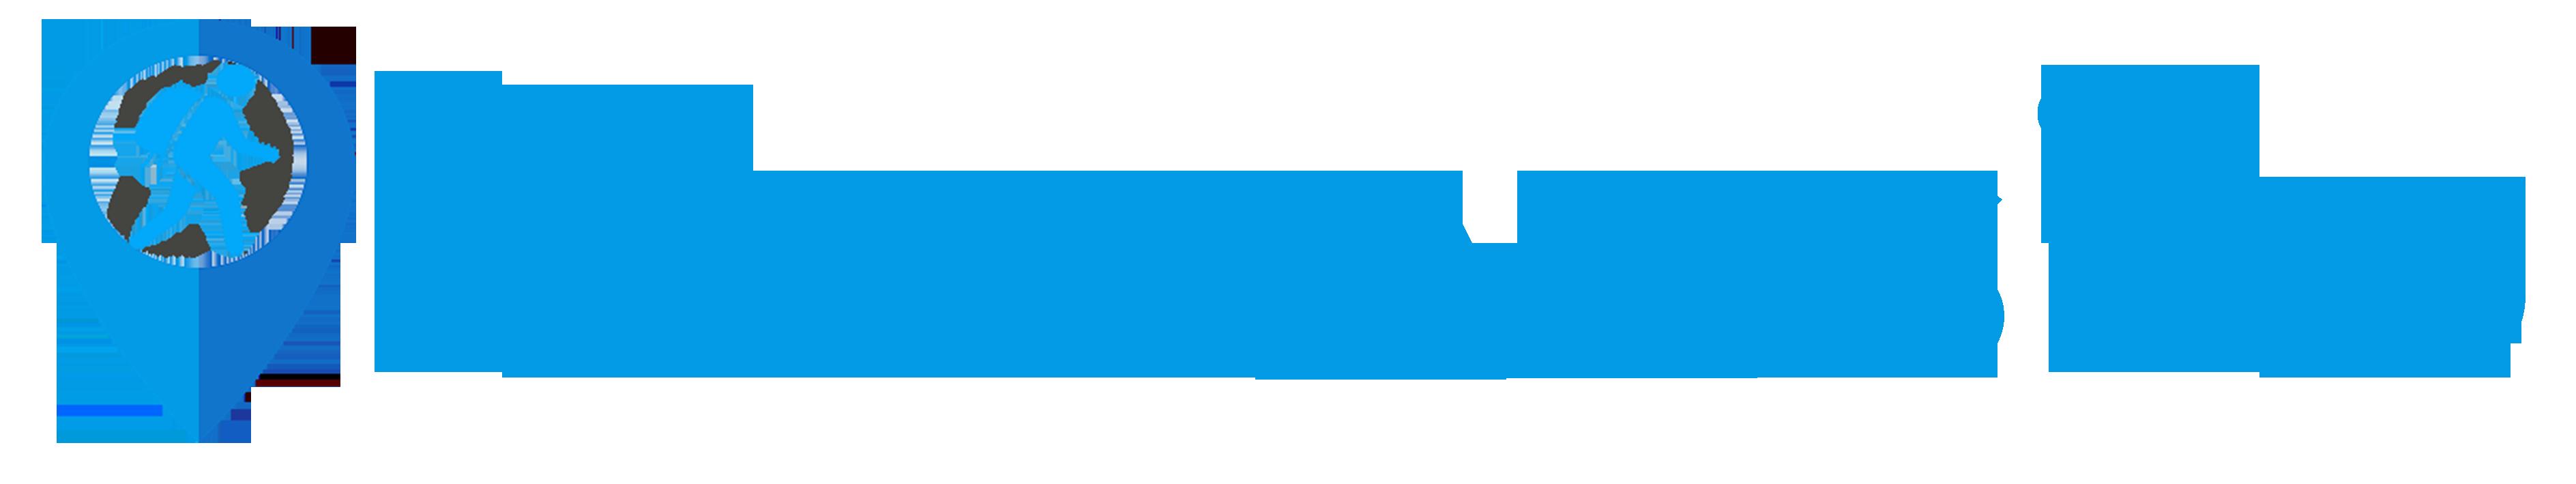 Reservasiku Logo